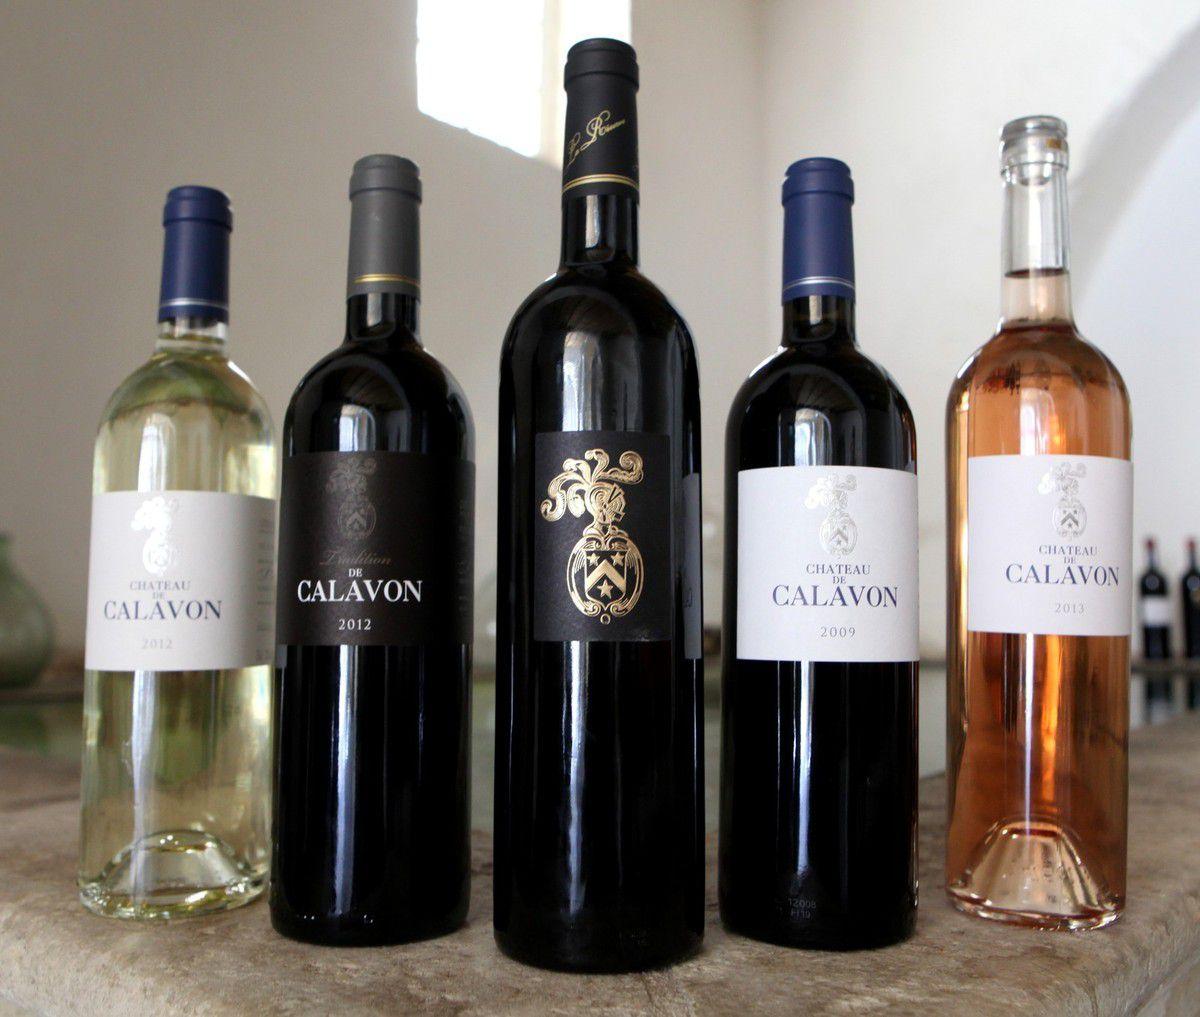 Une gamme complète sous l'étiquette du Château de Calavon. © Jean Bernard